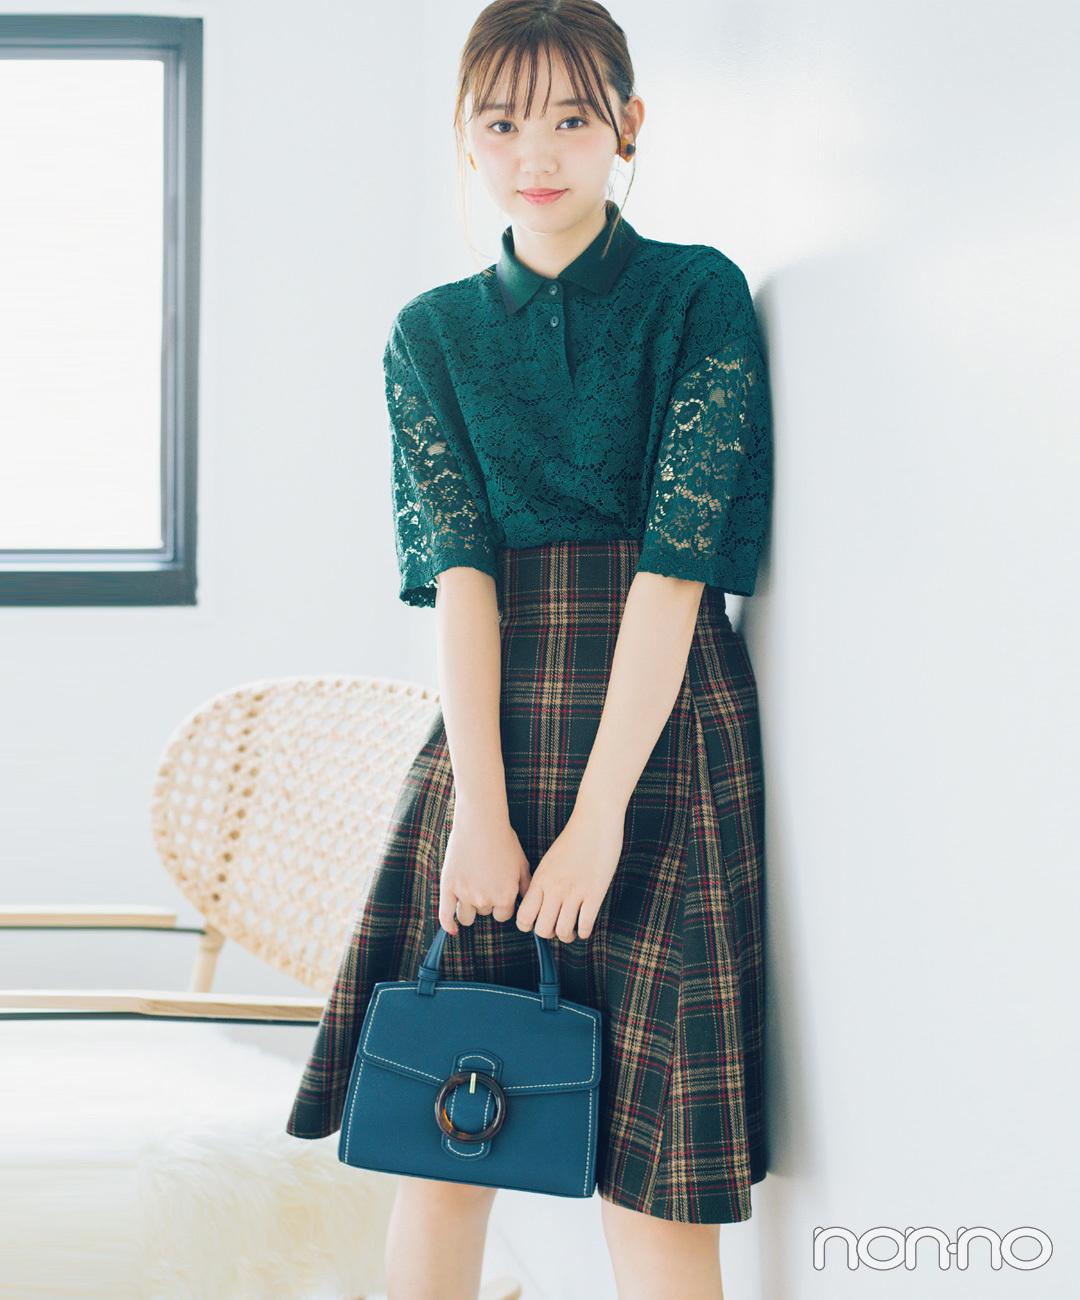 【タータンチェックコーデ】江野沢愛美は、シックなチェック柄のスカートをレースのポロシャツで、グッドガールに♪